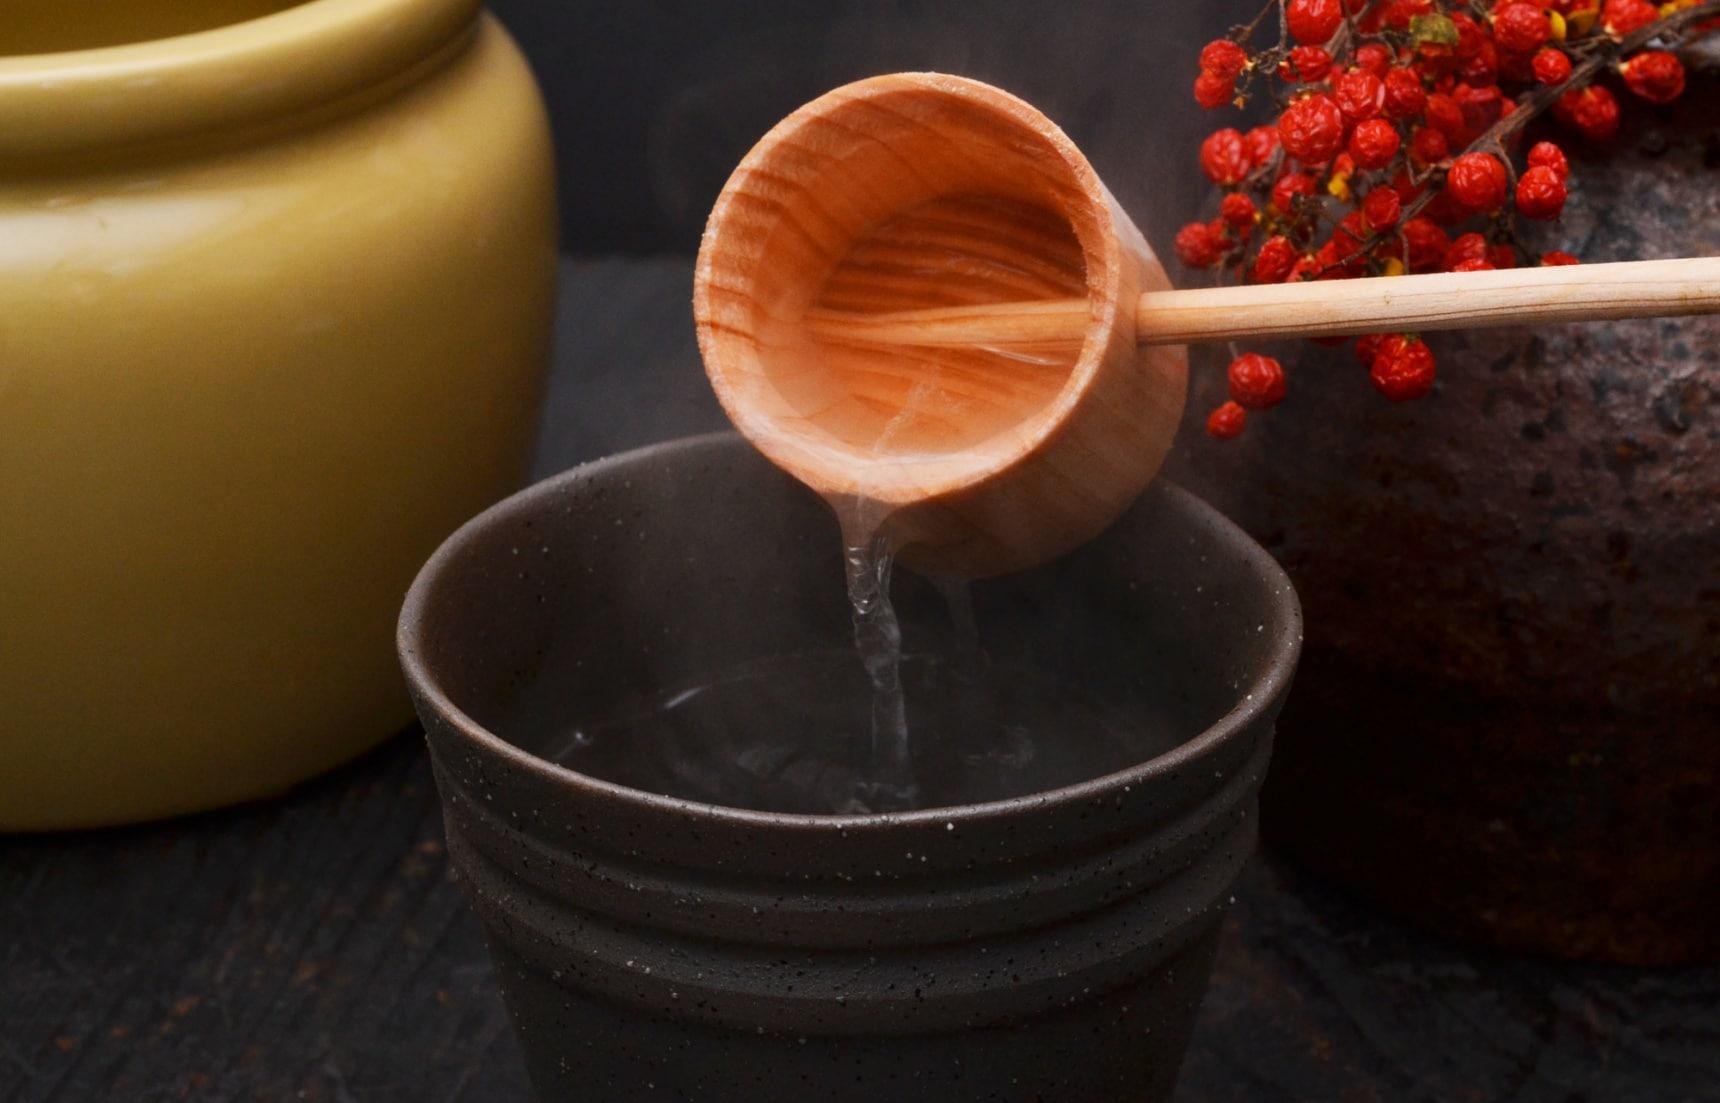 【日本美食豆知識】酒裡摻水也是門學問!讓燒酒變好喝的秘密